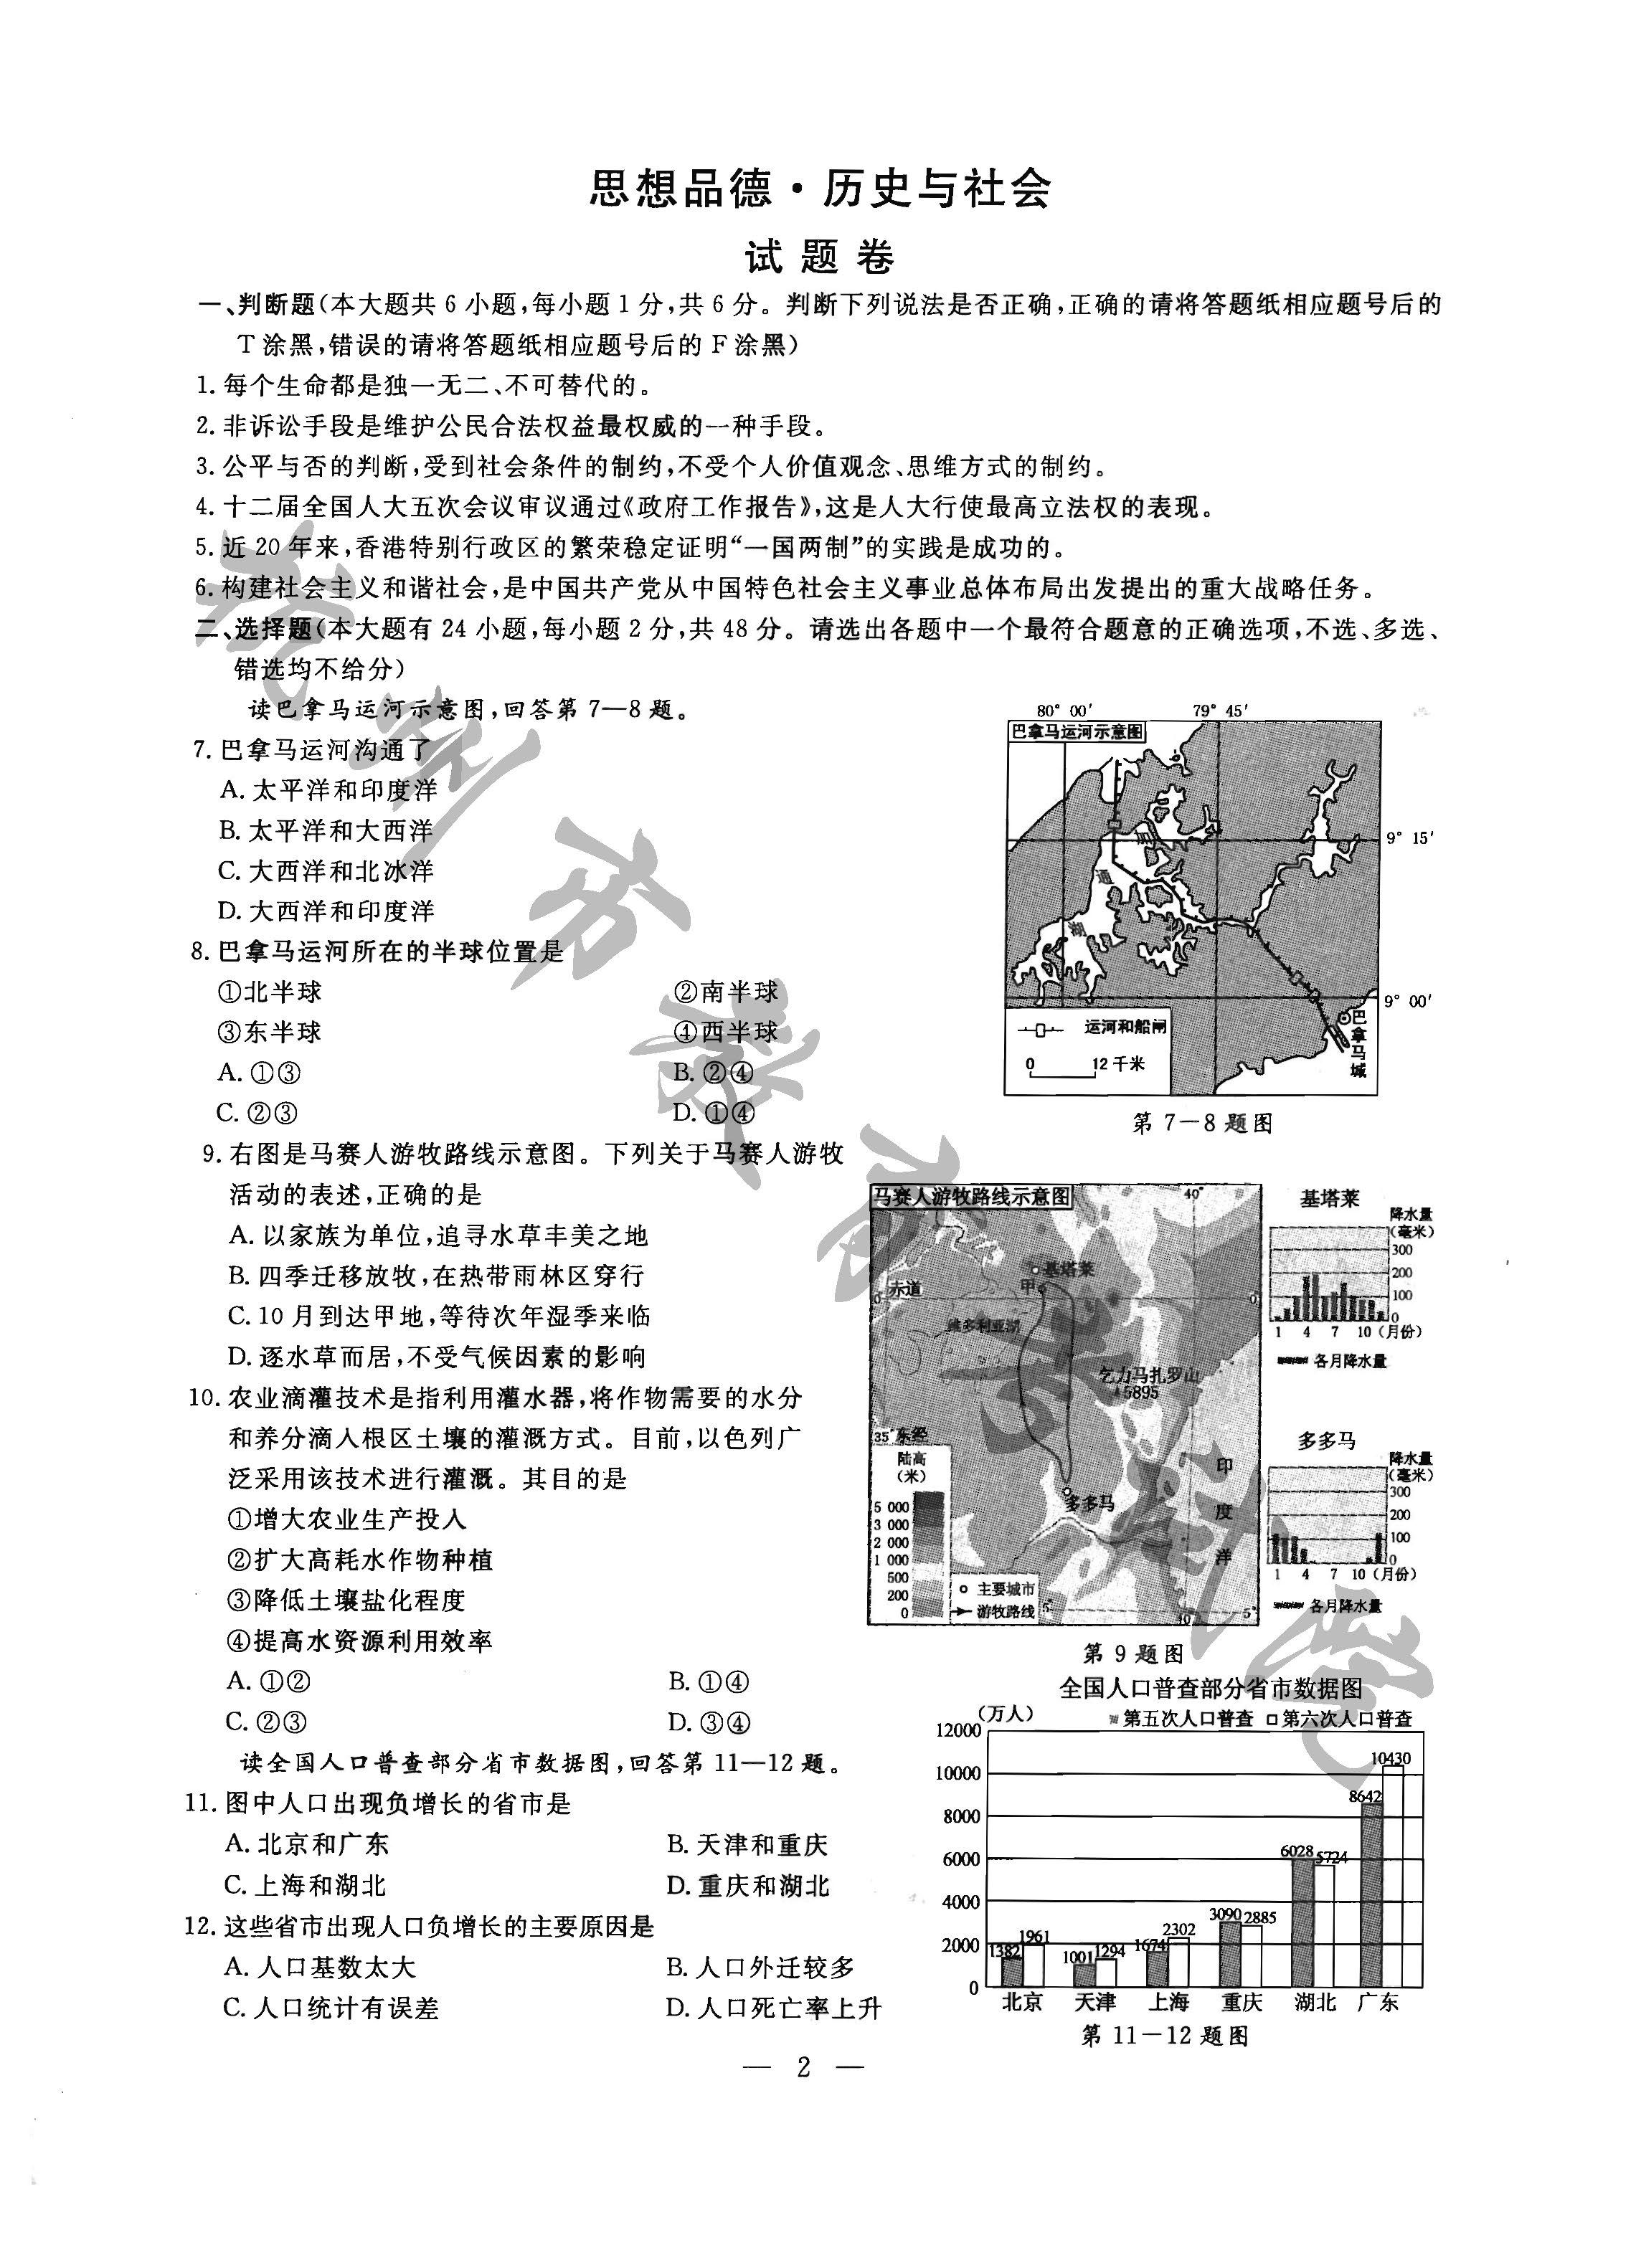 2017杭州中考思品试题及答案解析(图片版含答案)